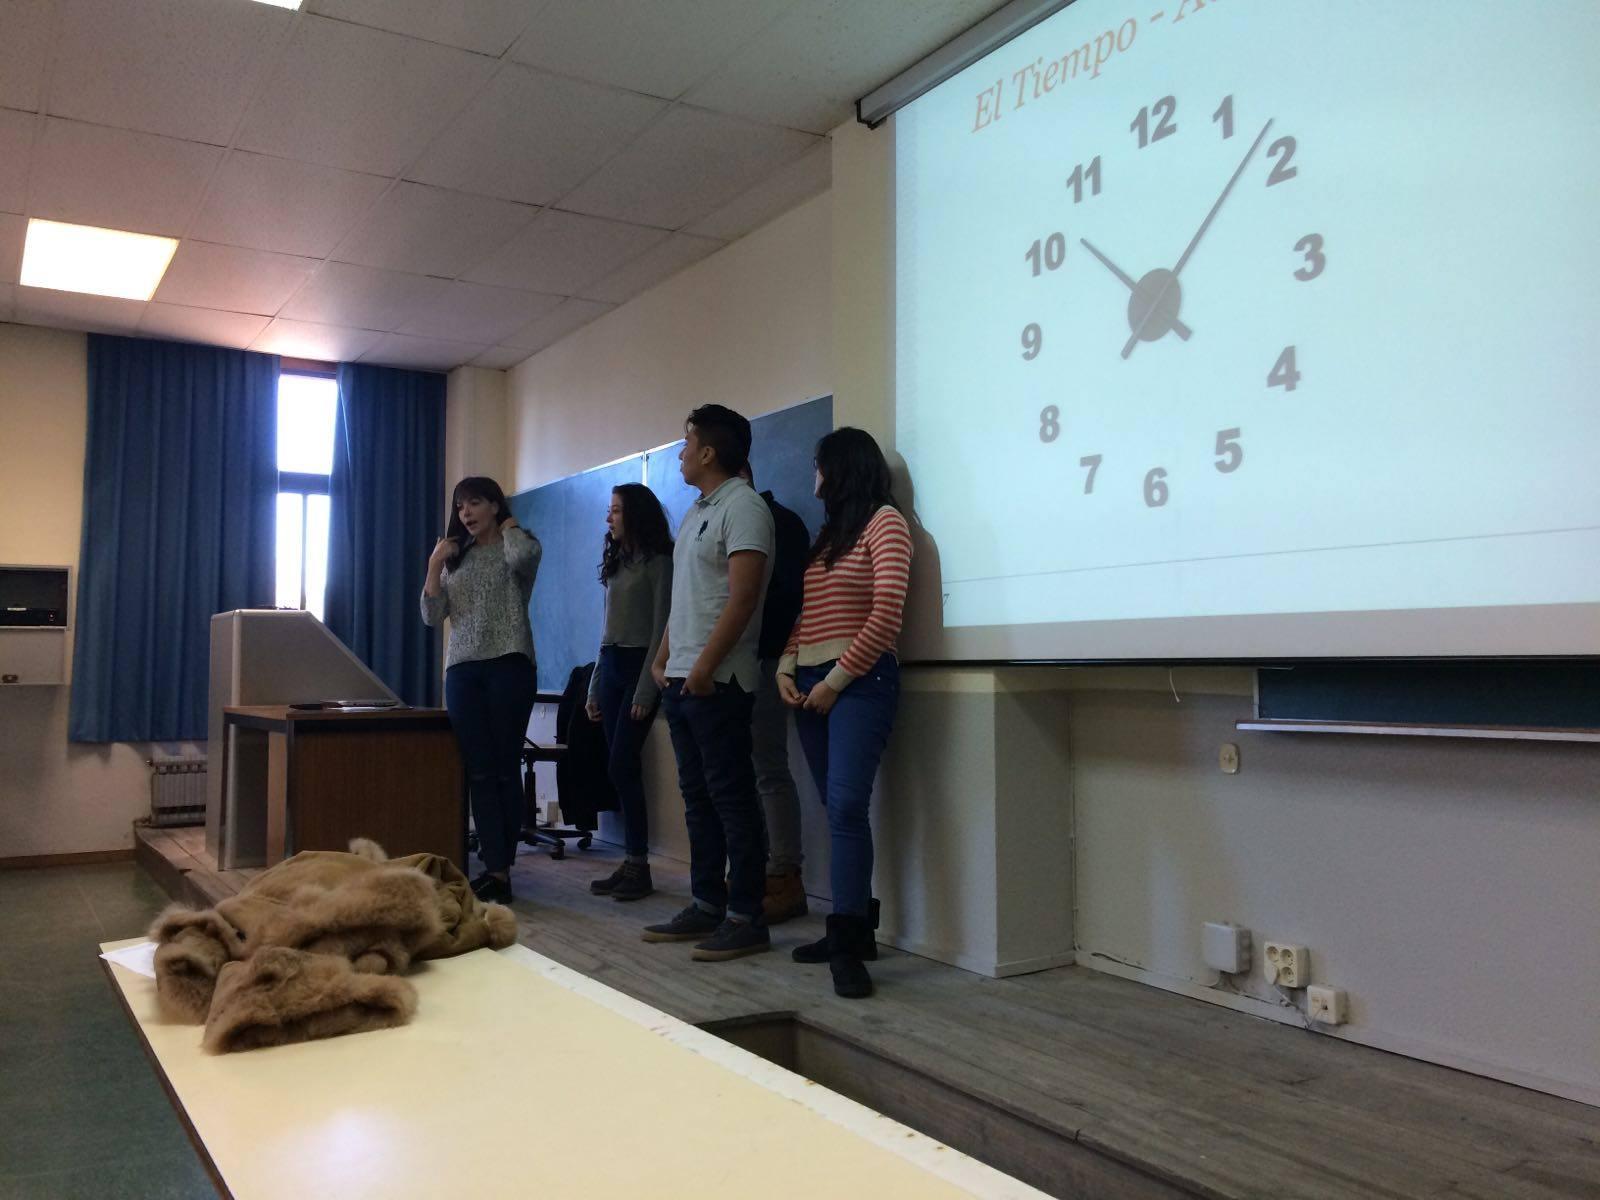 Actividad de la formación sobre la organización del tiempo en una charla/taller.